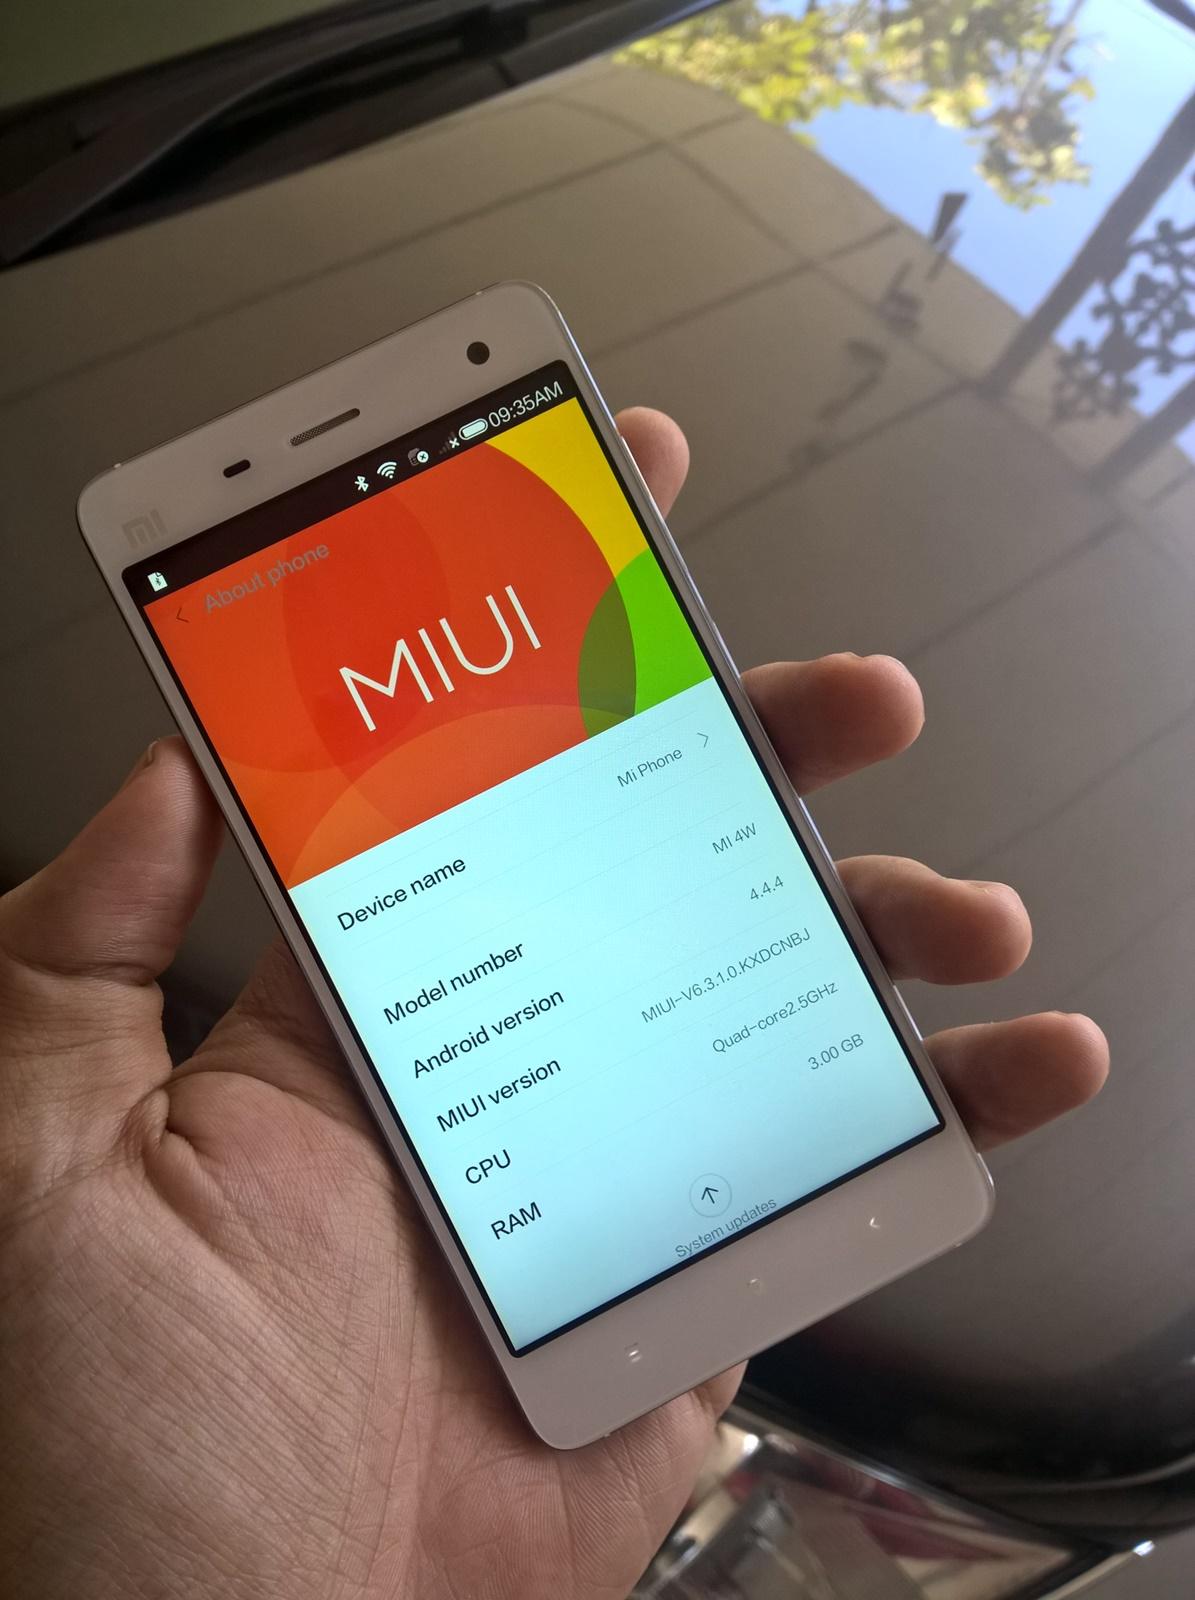 Pengalaman Membeli Xiaomi Replika Dan Tips Untuk Membedakan Dengan Redmi 2 Prime Ram 2gb Rom 16 Gb Garansi Distributor Lho Katanya Miui5 Ini Seperti Miui6 Harusnya Nggak Gini Kata Teman